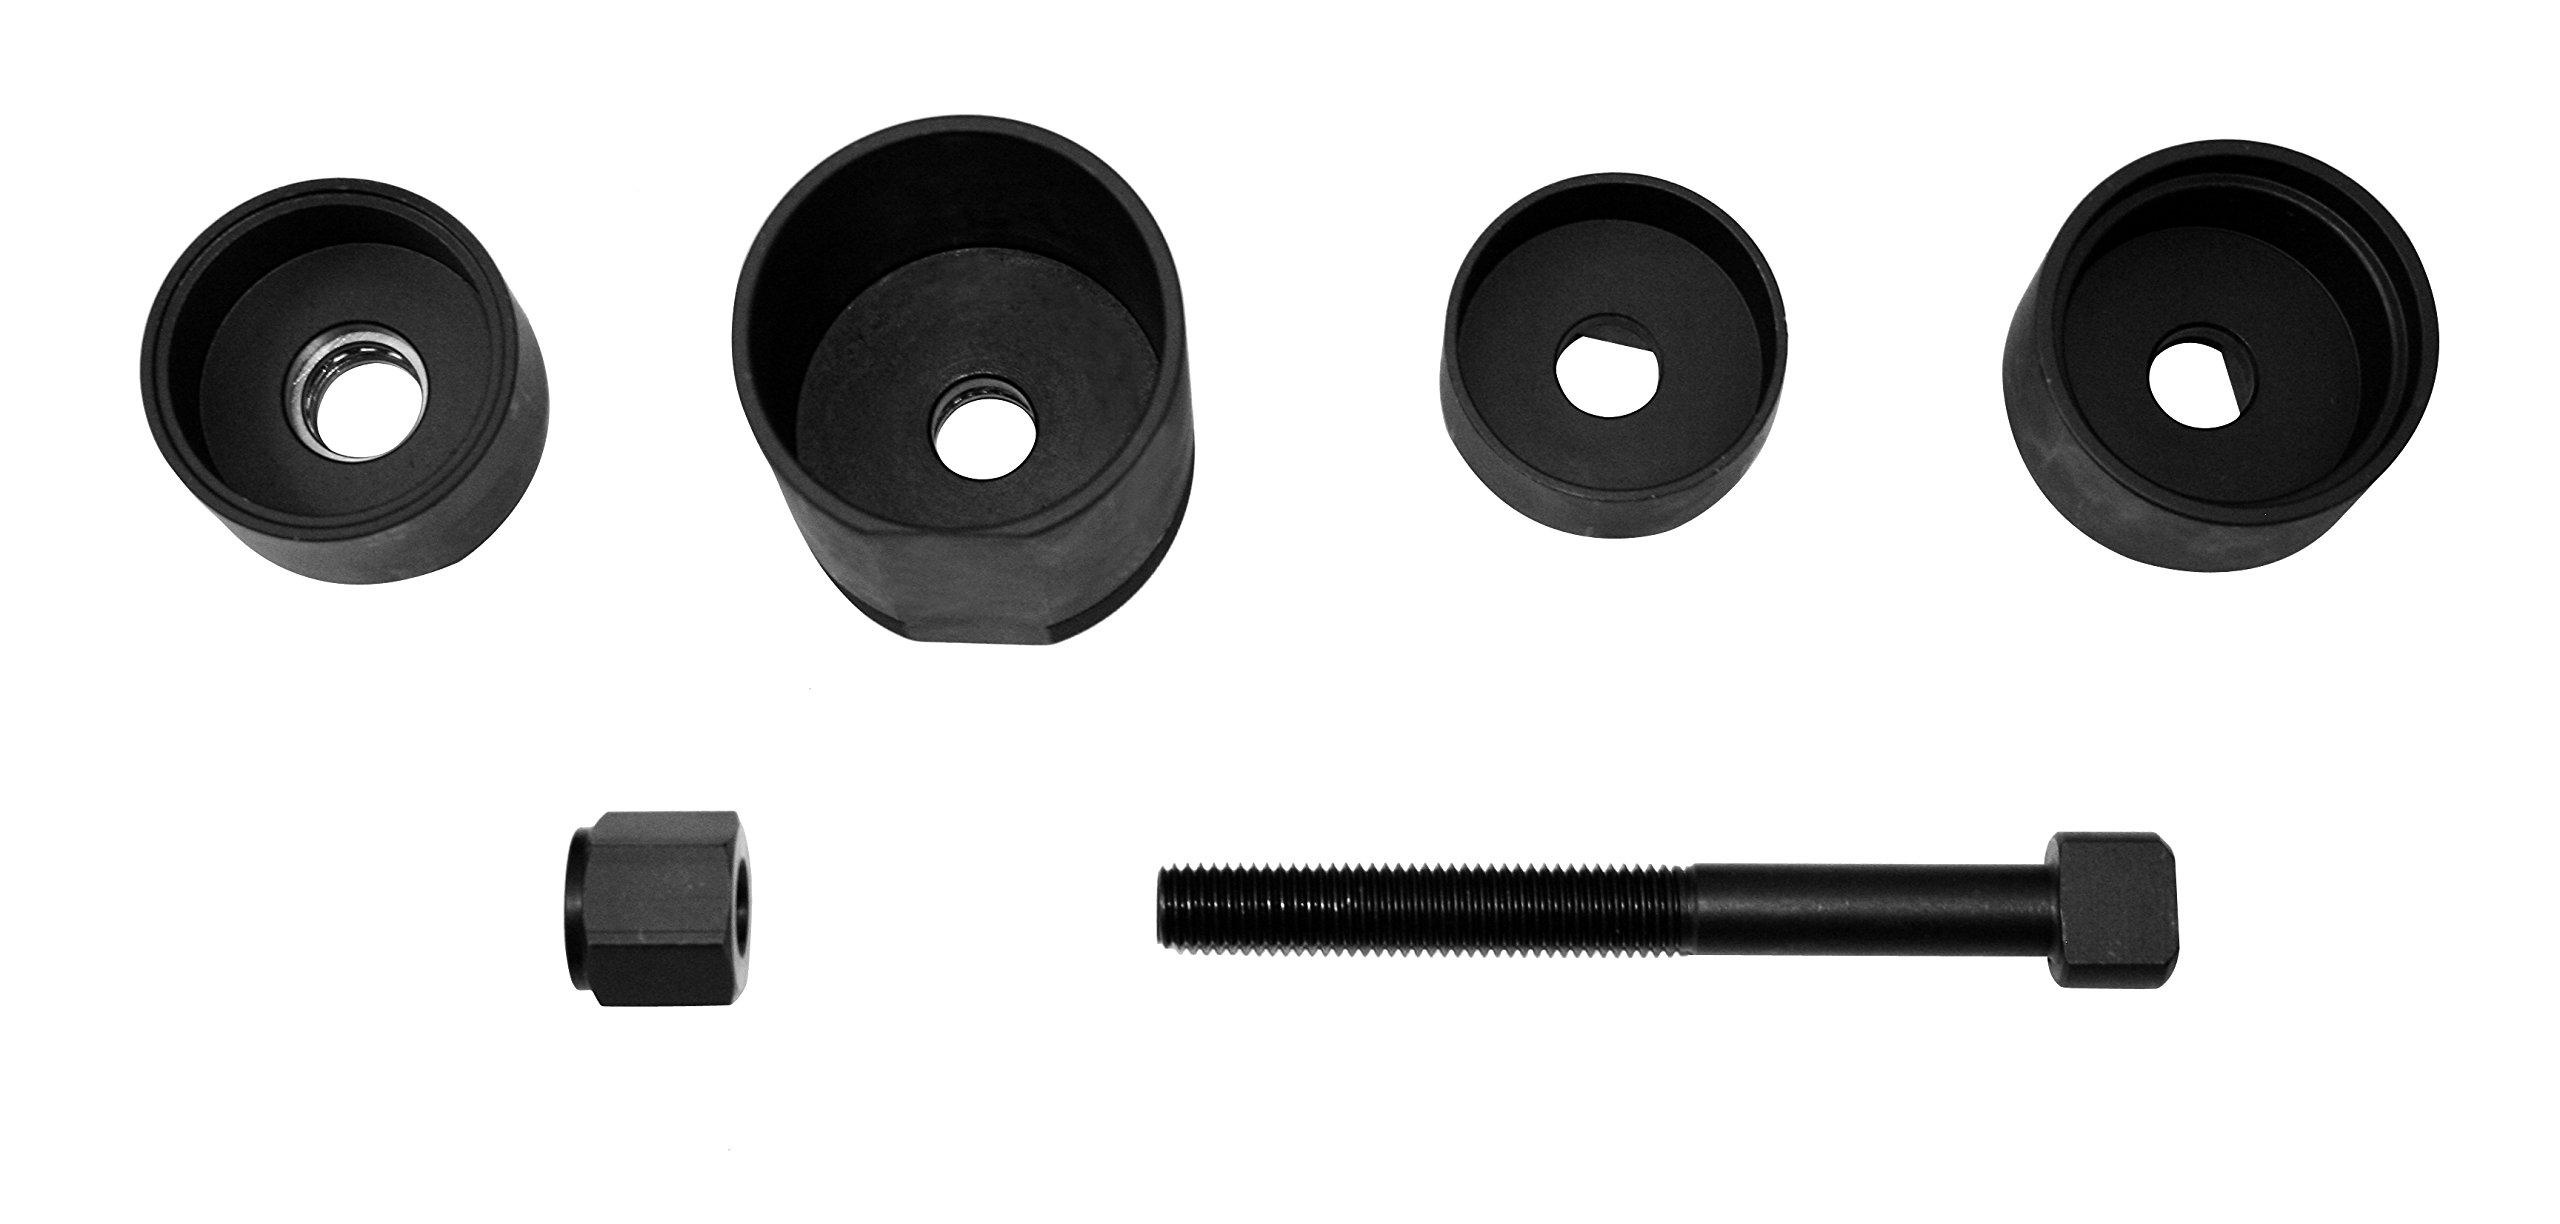 CTA Tools 8692 Bushing Remover/Installer Kit by CTA Tools (Image #2)